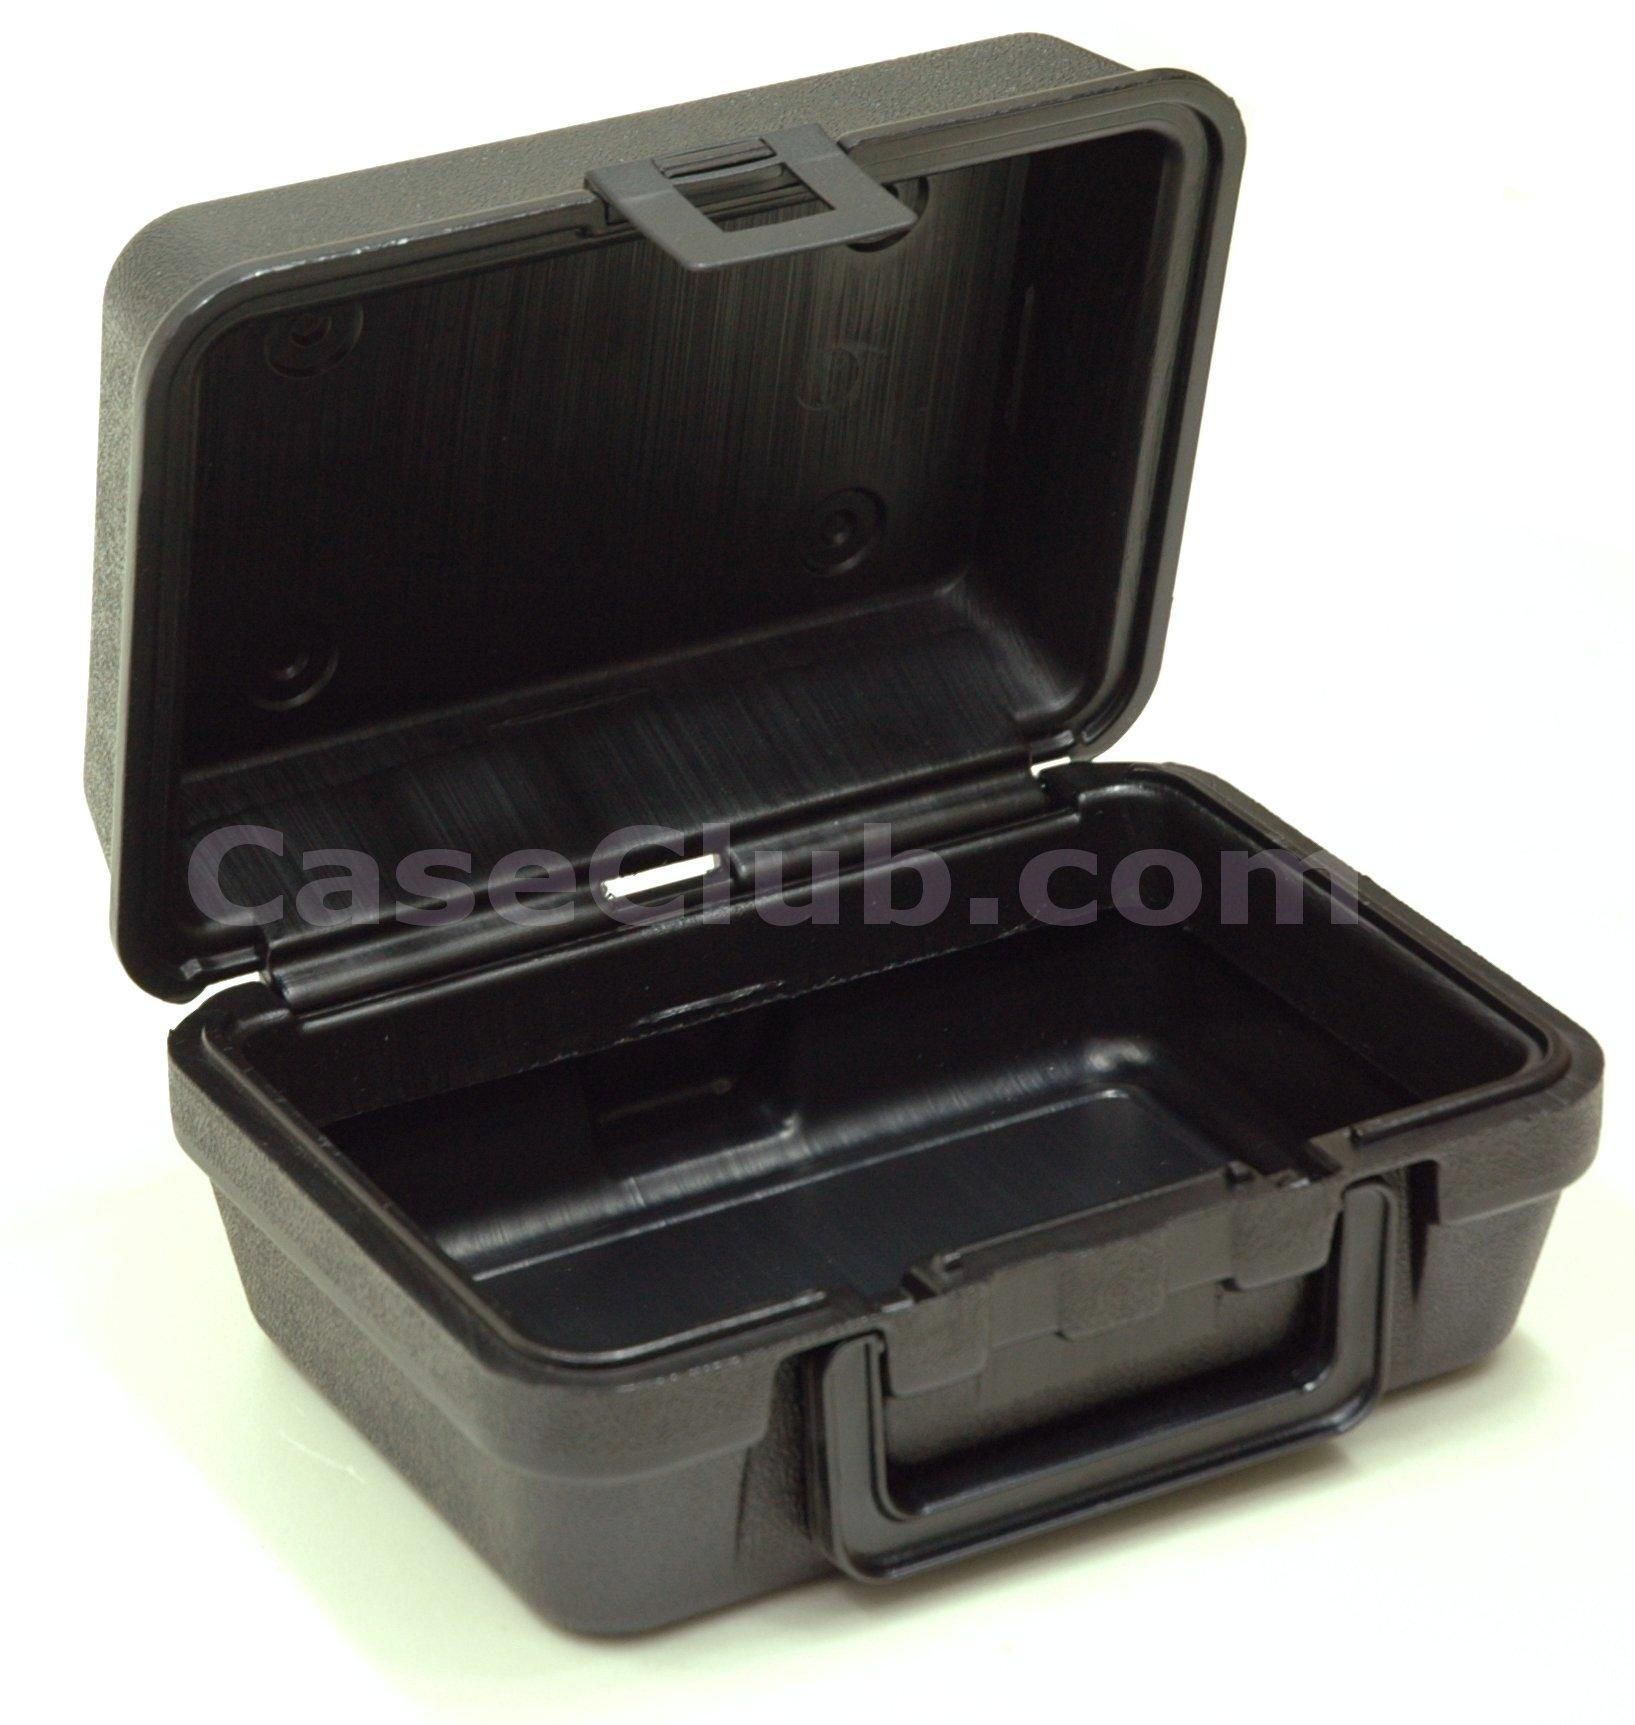 B8.5x6.0x4.0 Case